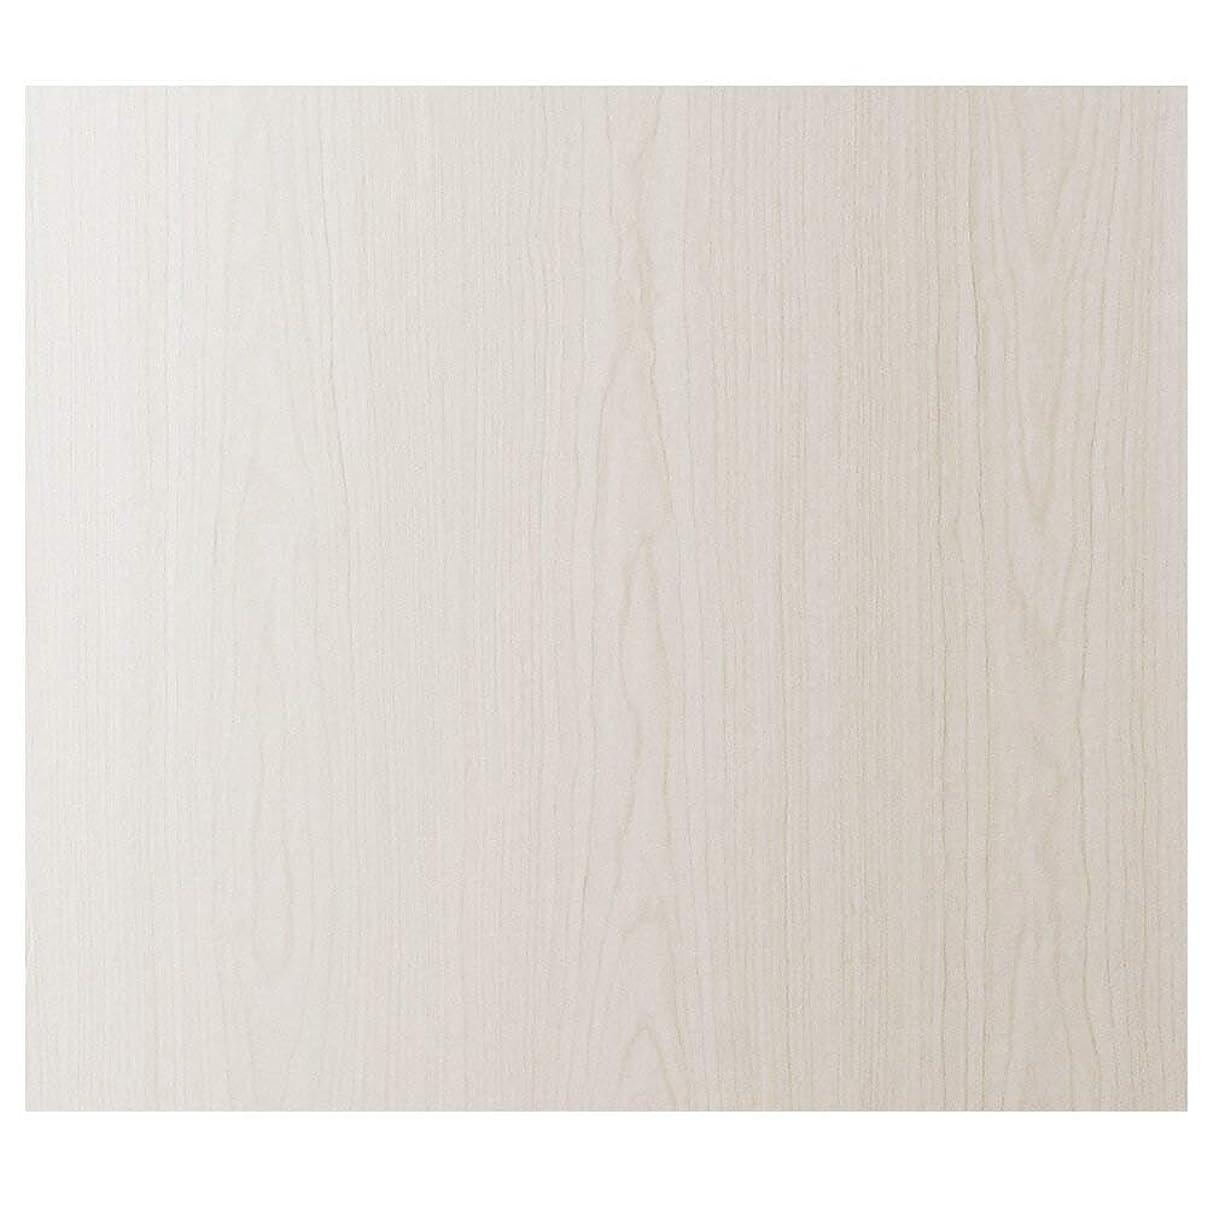 なかなか彼女年ケイ?ララ 壁紙 木目 シール [ホワイトオーク] 幅61cm×10cm単位 はがせる 壁紙シール ウォールステッカー リメイクシート y3